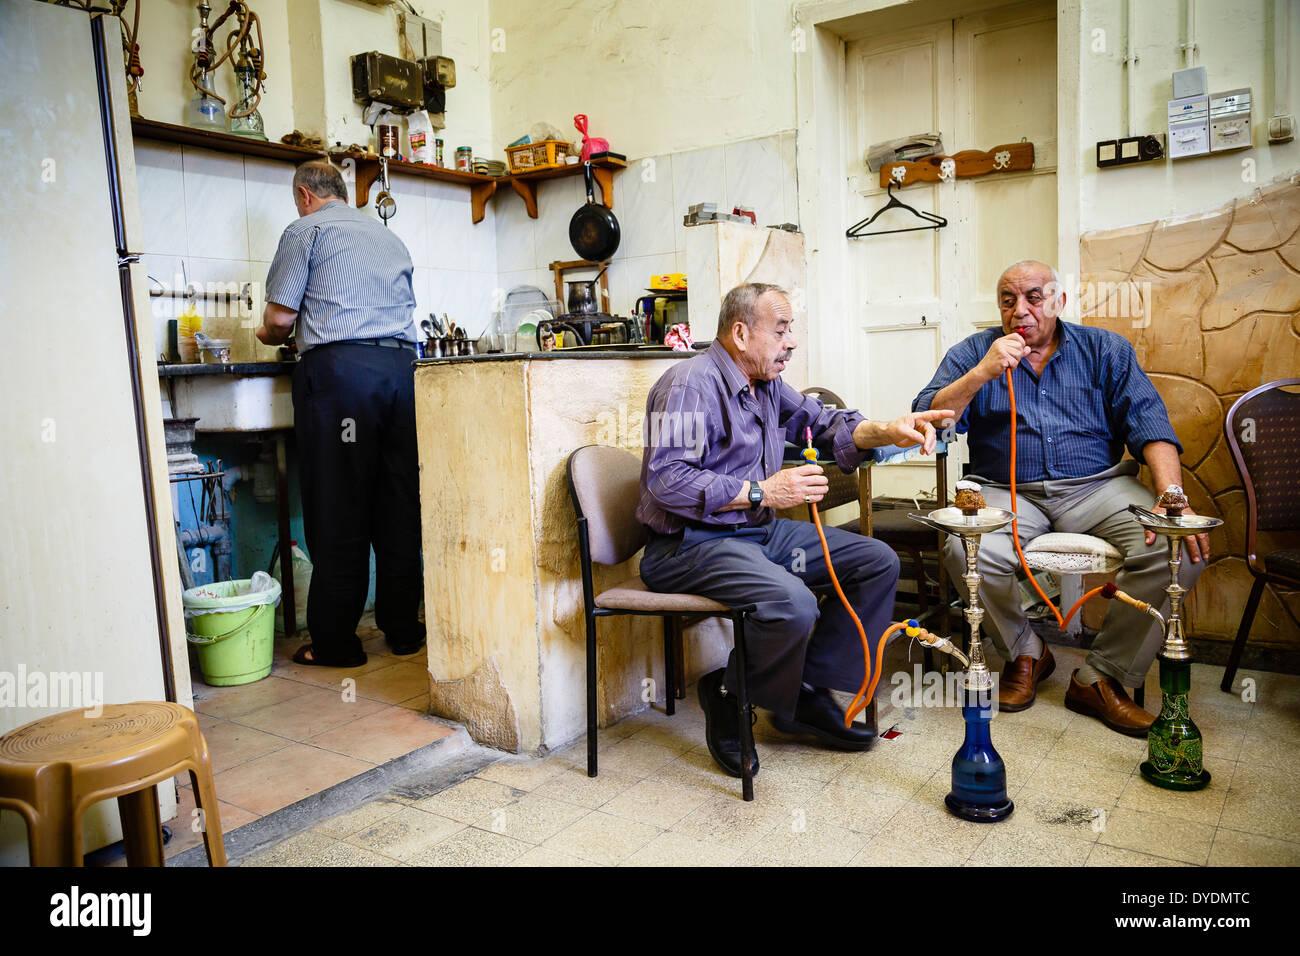 Gli uomini arabi in un caffè tradizionale fumatori tubazione acqua, Nazaret, Bassa Galilea regione, Israele. Immagini Stock